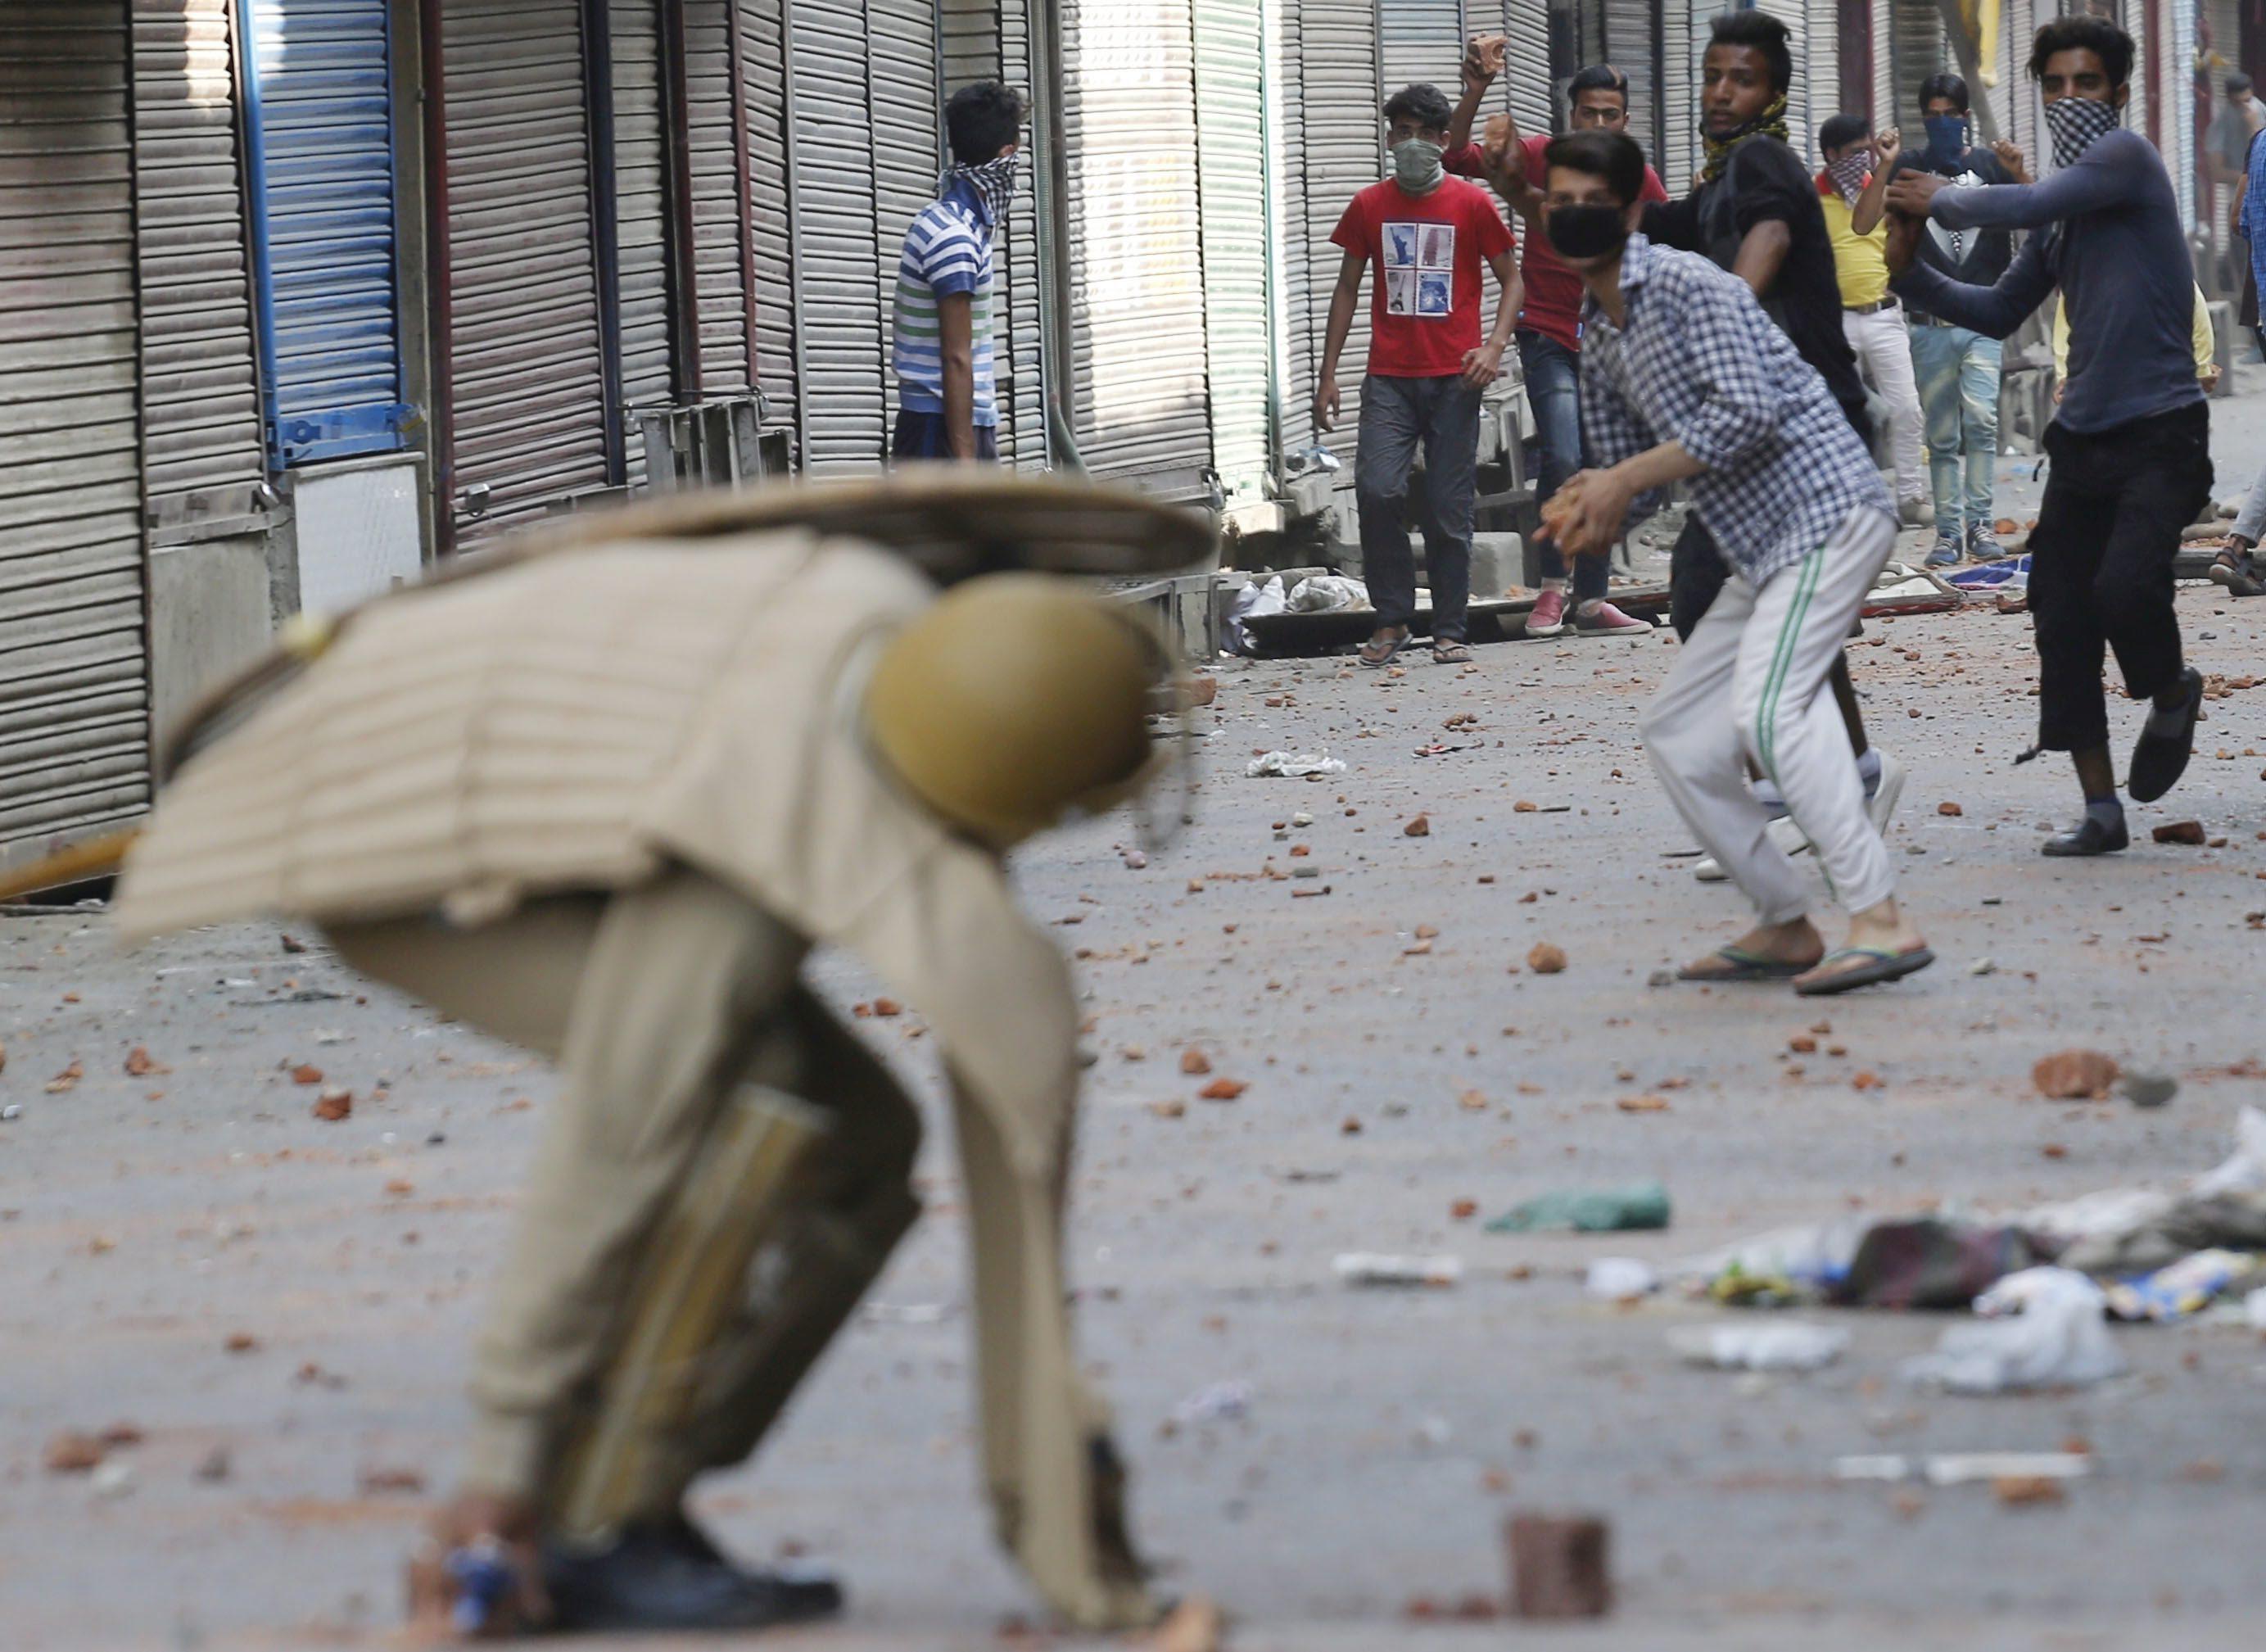 FAR02 SRINAGAR (INDIA) 11/07/2016.- Un grupo de manifestantes lanza piedras a un miembro de la policía durante una protesta violenta en Srinagar, la capital de verano de Cachemira, India hoy, 11 de julio de 2016. El número de muertos en protestas violentas en la Cachemira india se elevó ayer a 21 y el de heridos a cerca de 200, en el segundo día de disturbios en la región por la fallecimiento el viernes de un terrorista del grupo separatista Hizb-ul-Mujahideen (HM) a manos de las fuerzas de seguridad. En Srinagar hay calles, desiertas, cortadas con alambres de espino en las que montan guardia efectivos de las fuerzas de seguridad indias armados con fusiles. EFE/Farooq Khan